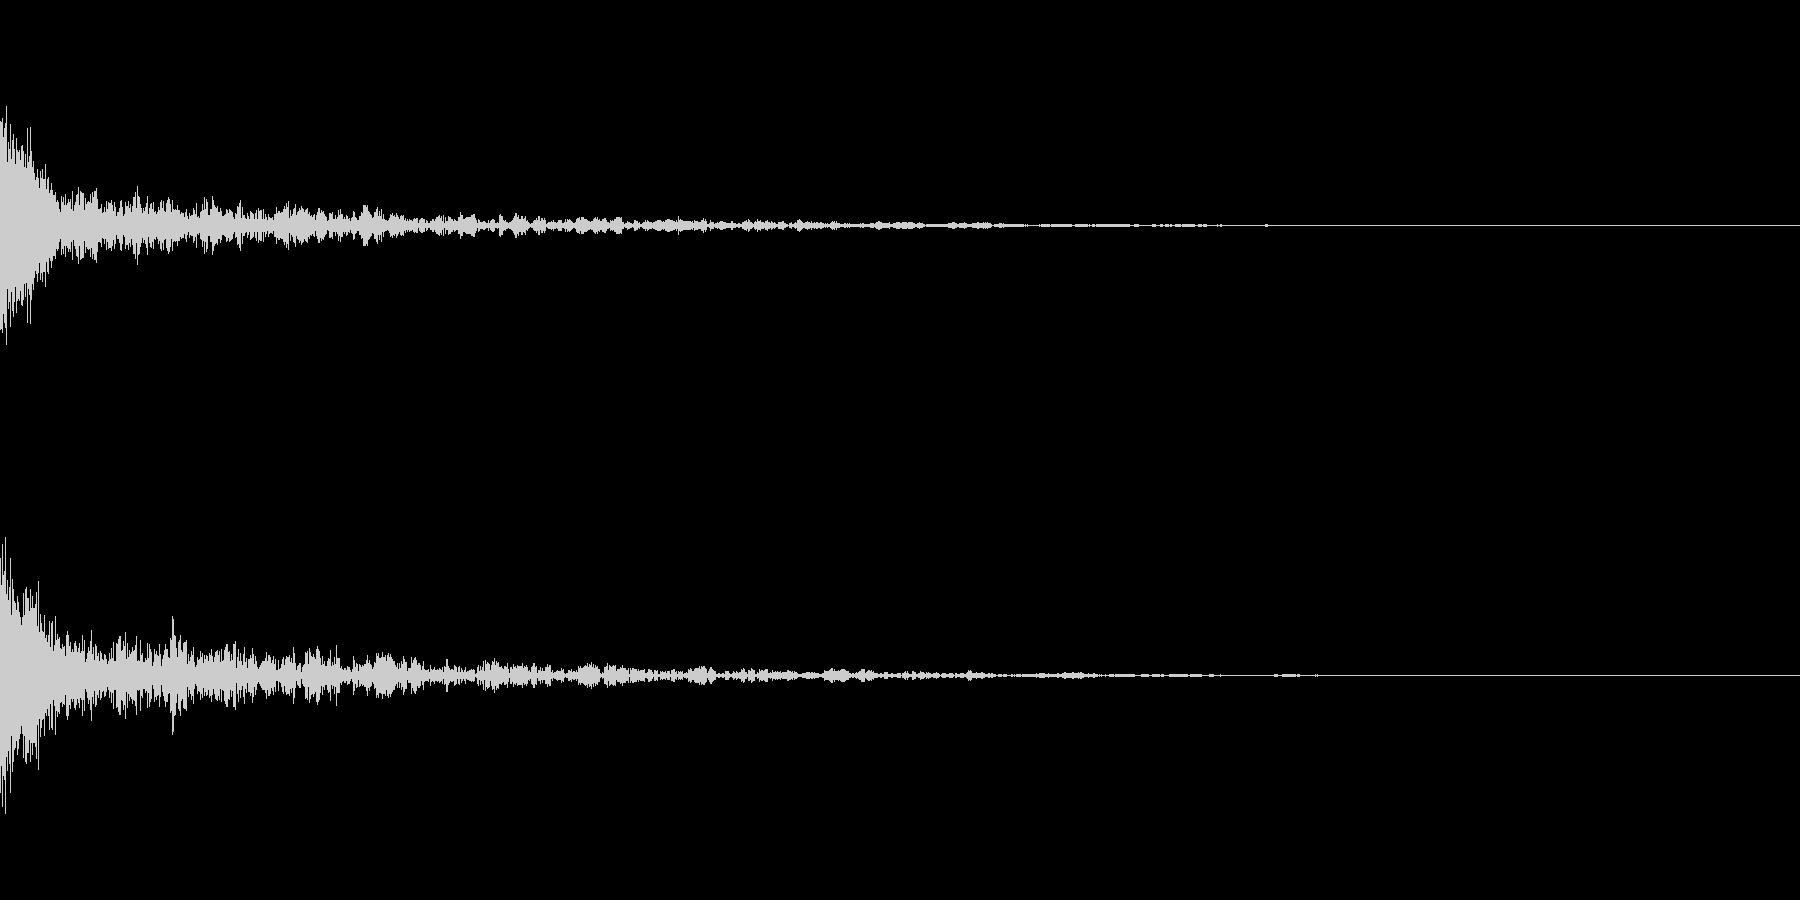 ドーン-42-1(インパクト音)の未再生の波形